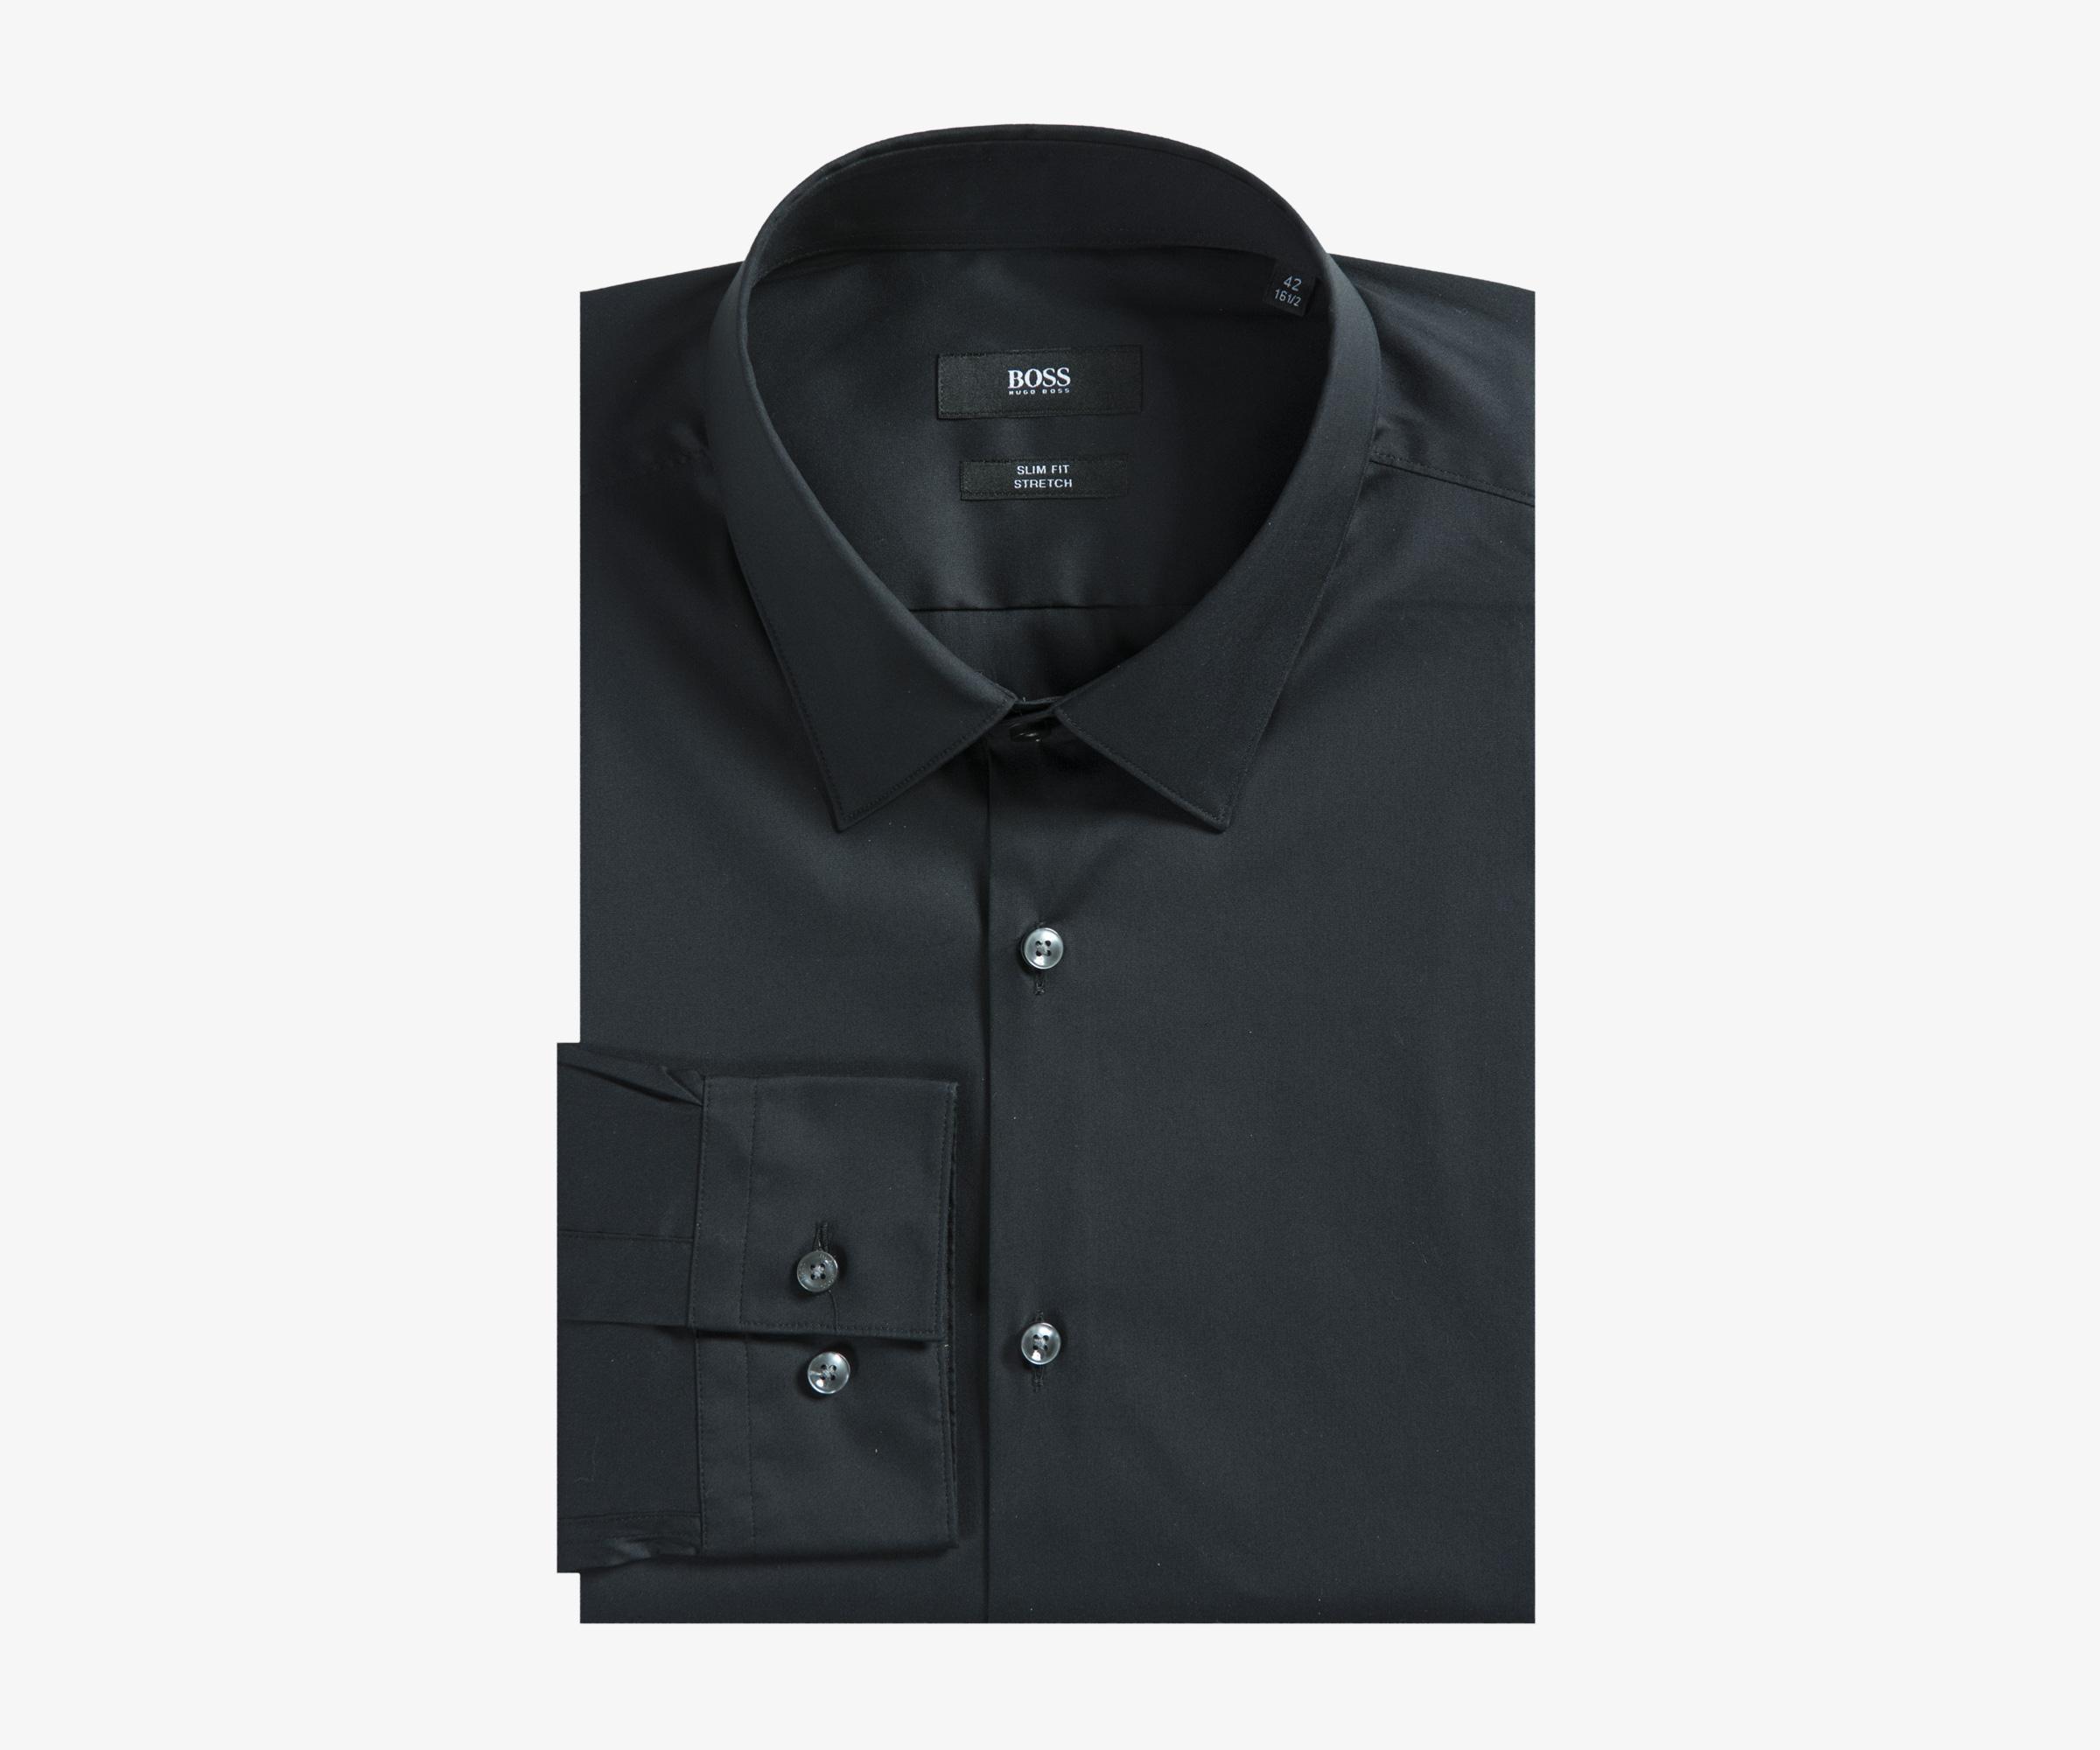 Lyst boss 39 isko 39 formal shirt black in black for men for Hugo boss formal shirts